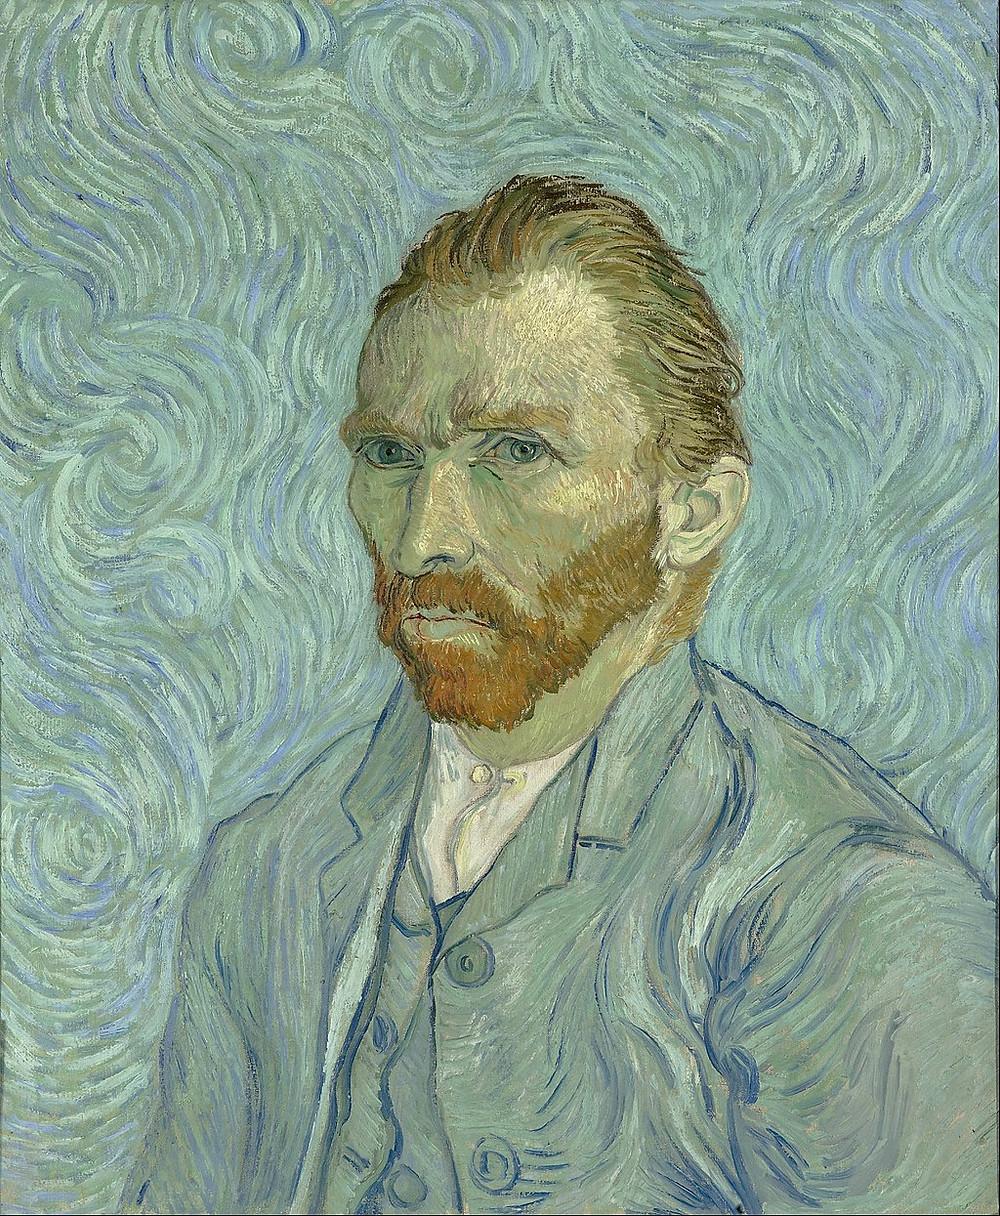 Vincent Van Gogh Self Portrait, 1889